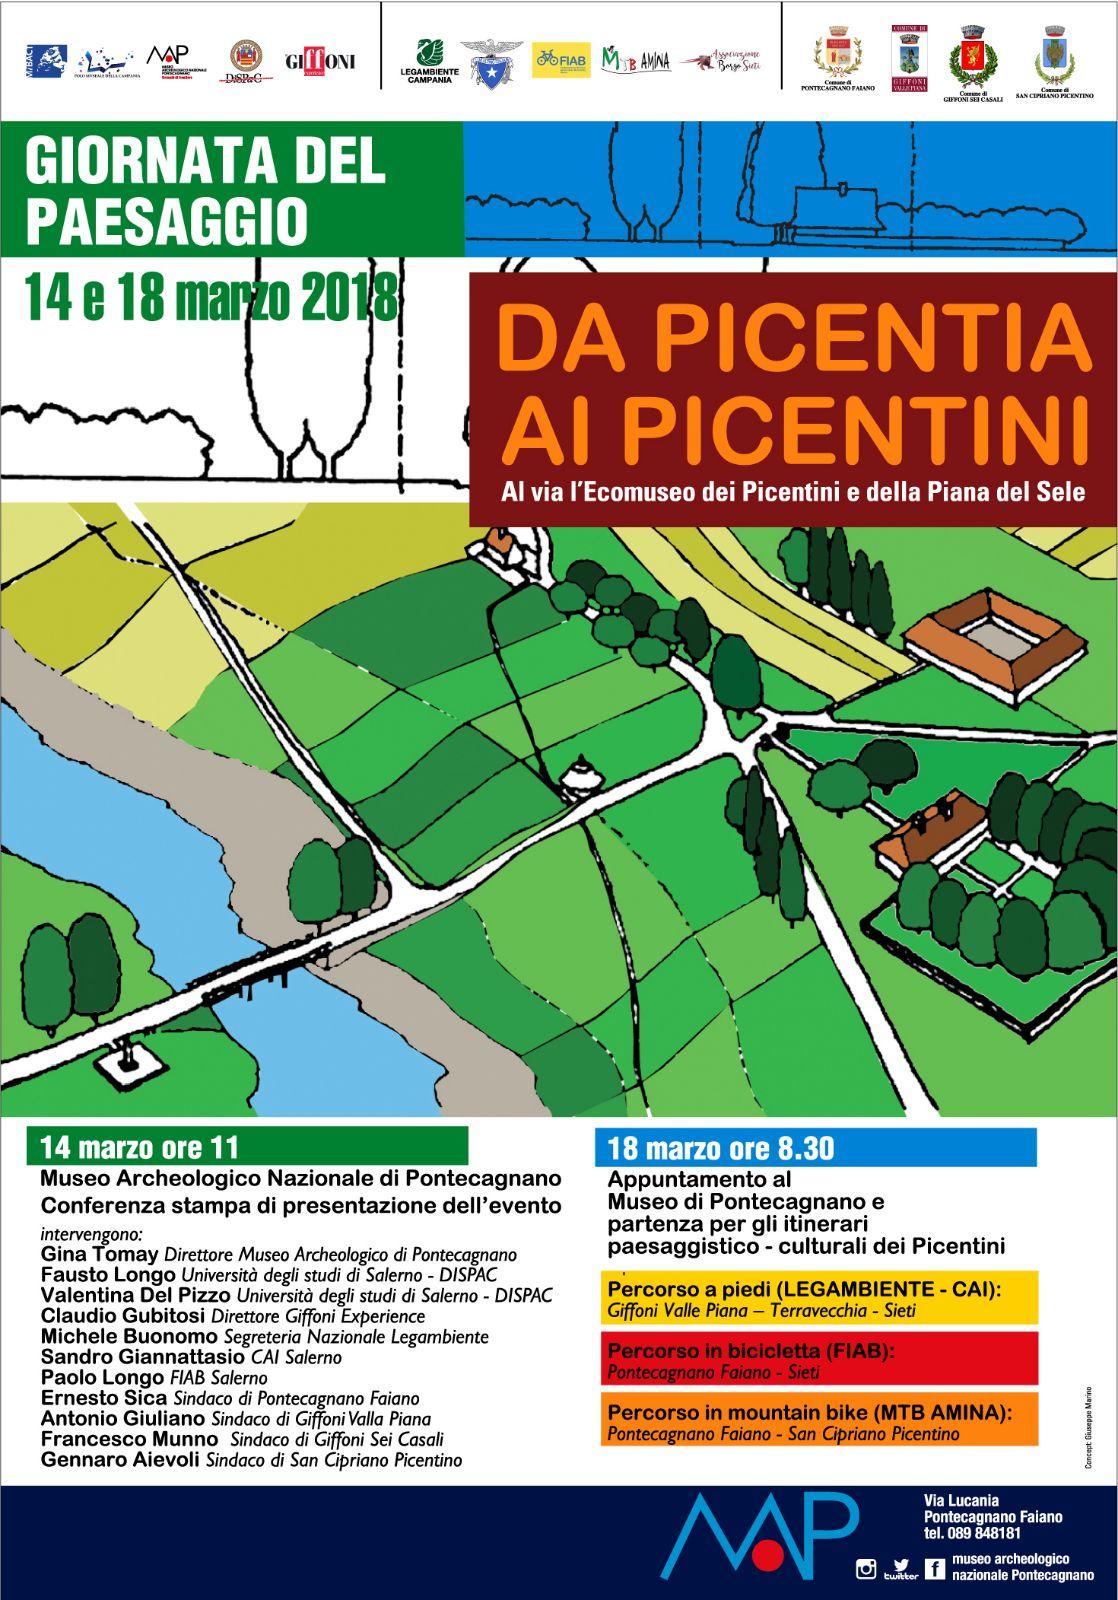 Giornata del Paesaggio-Da Picentia ai Picentini